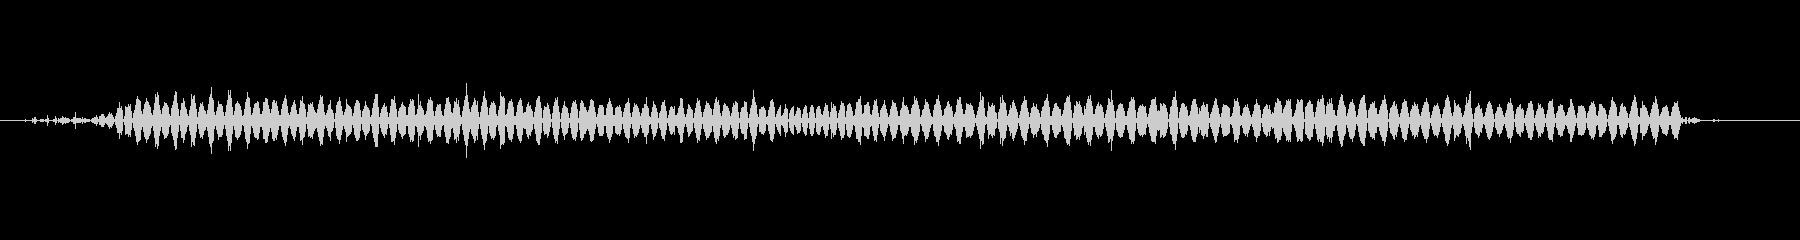 サンドペーパー-楽器の未再生の波形